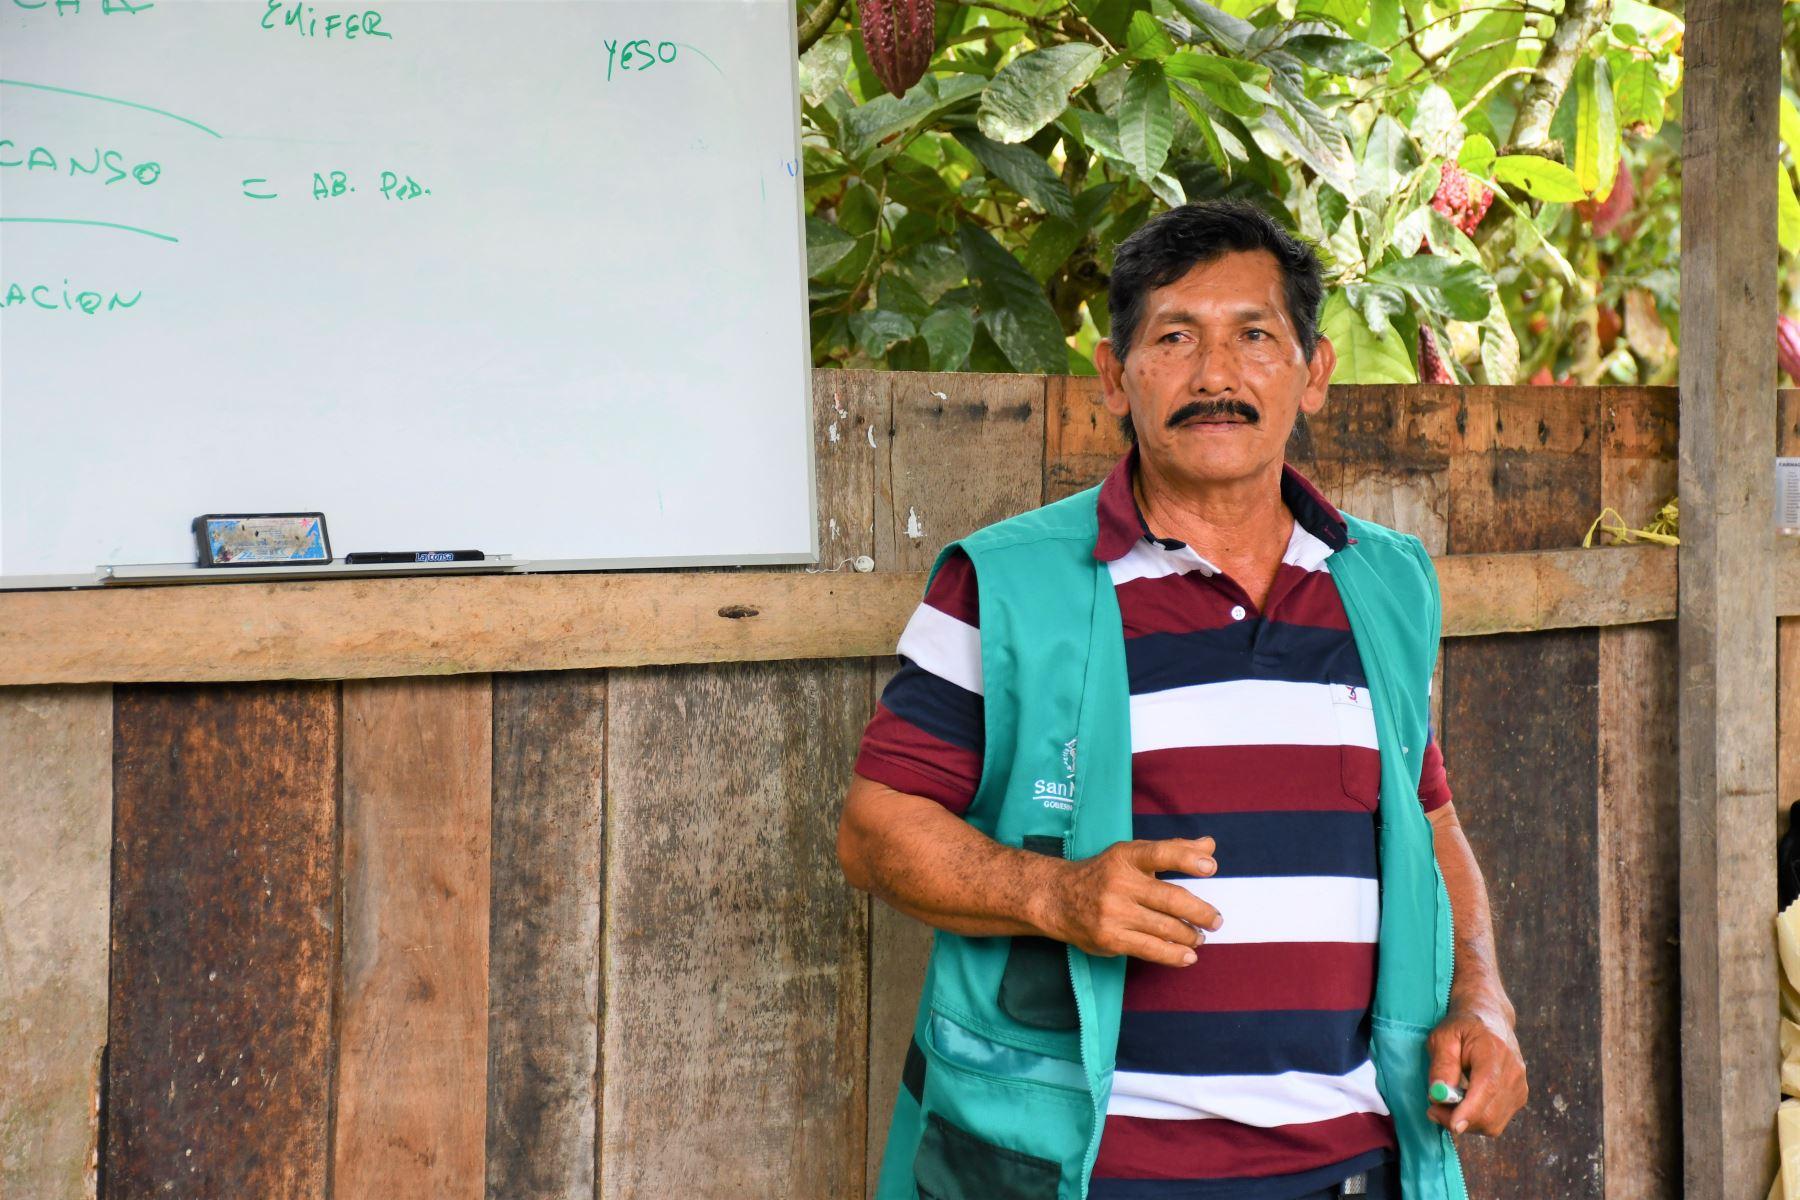 Conoce a Edil Sandoval, el productor de cacao más competitivo de San Martín. ANDINA/Difusión